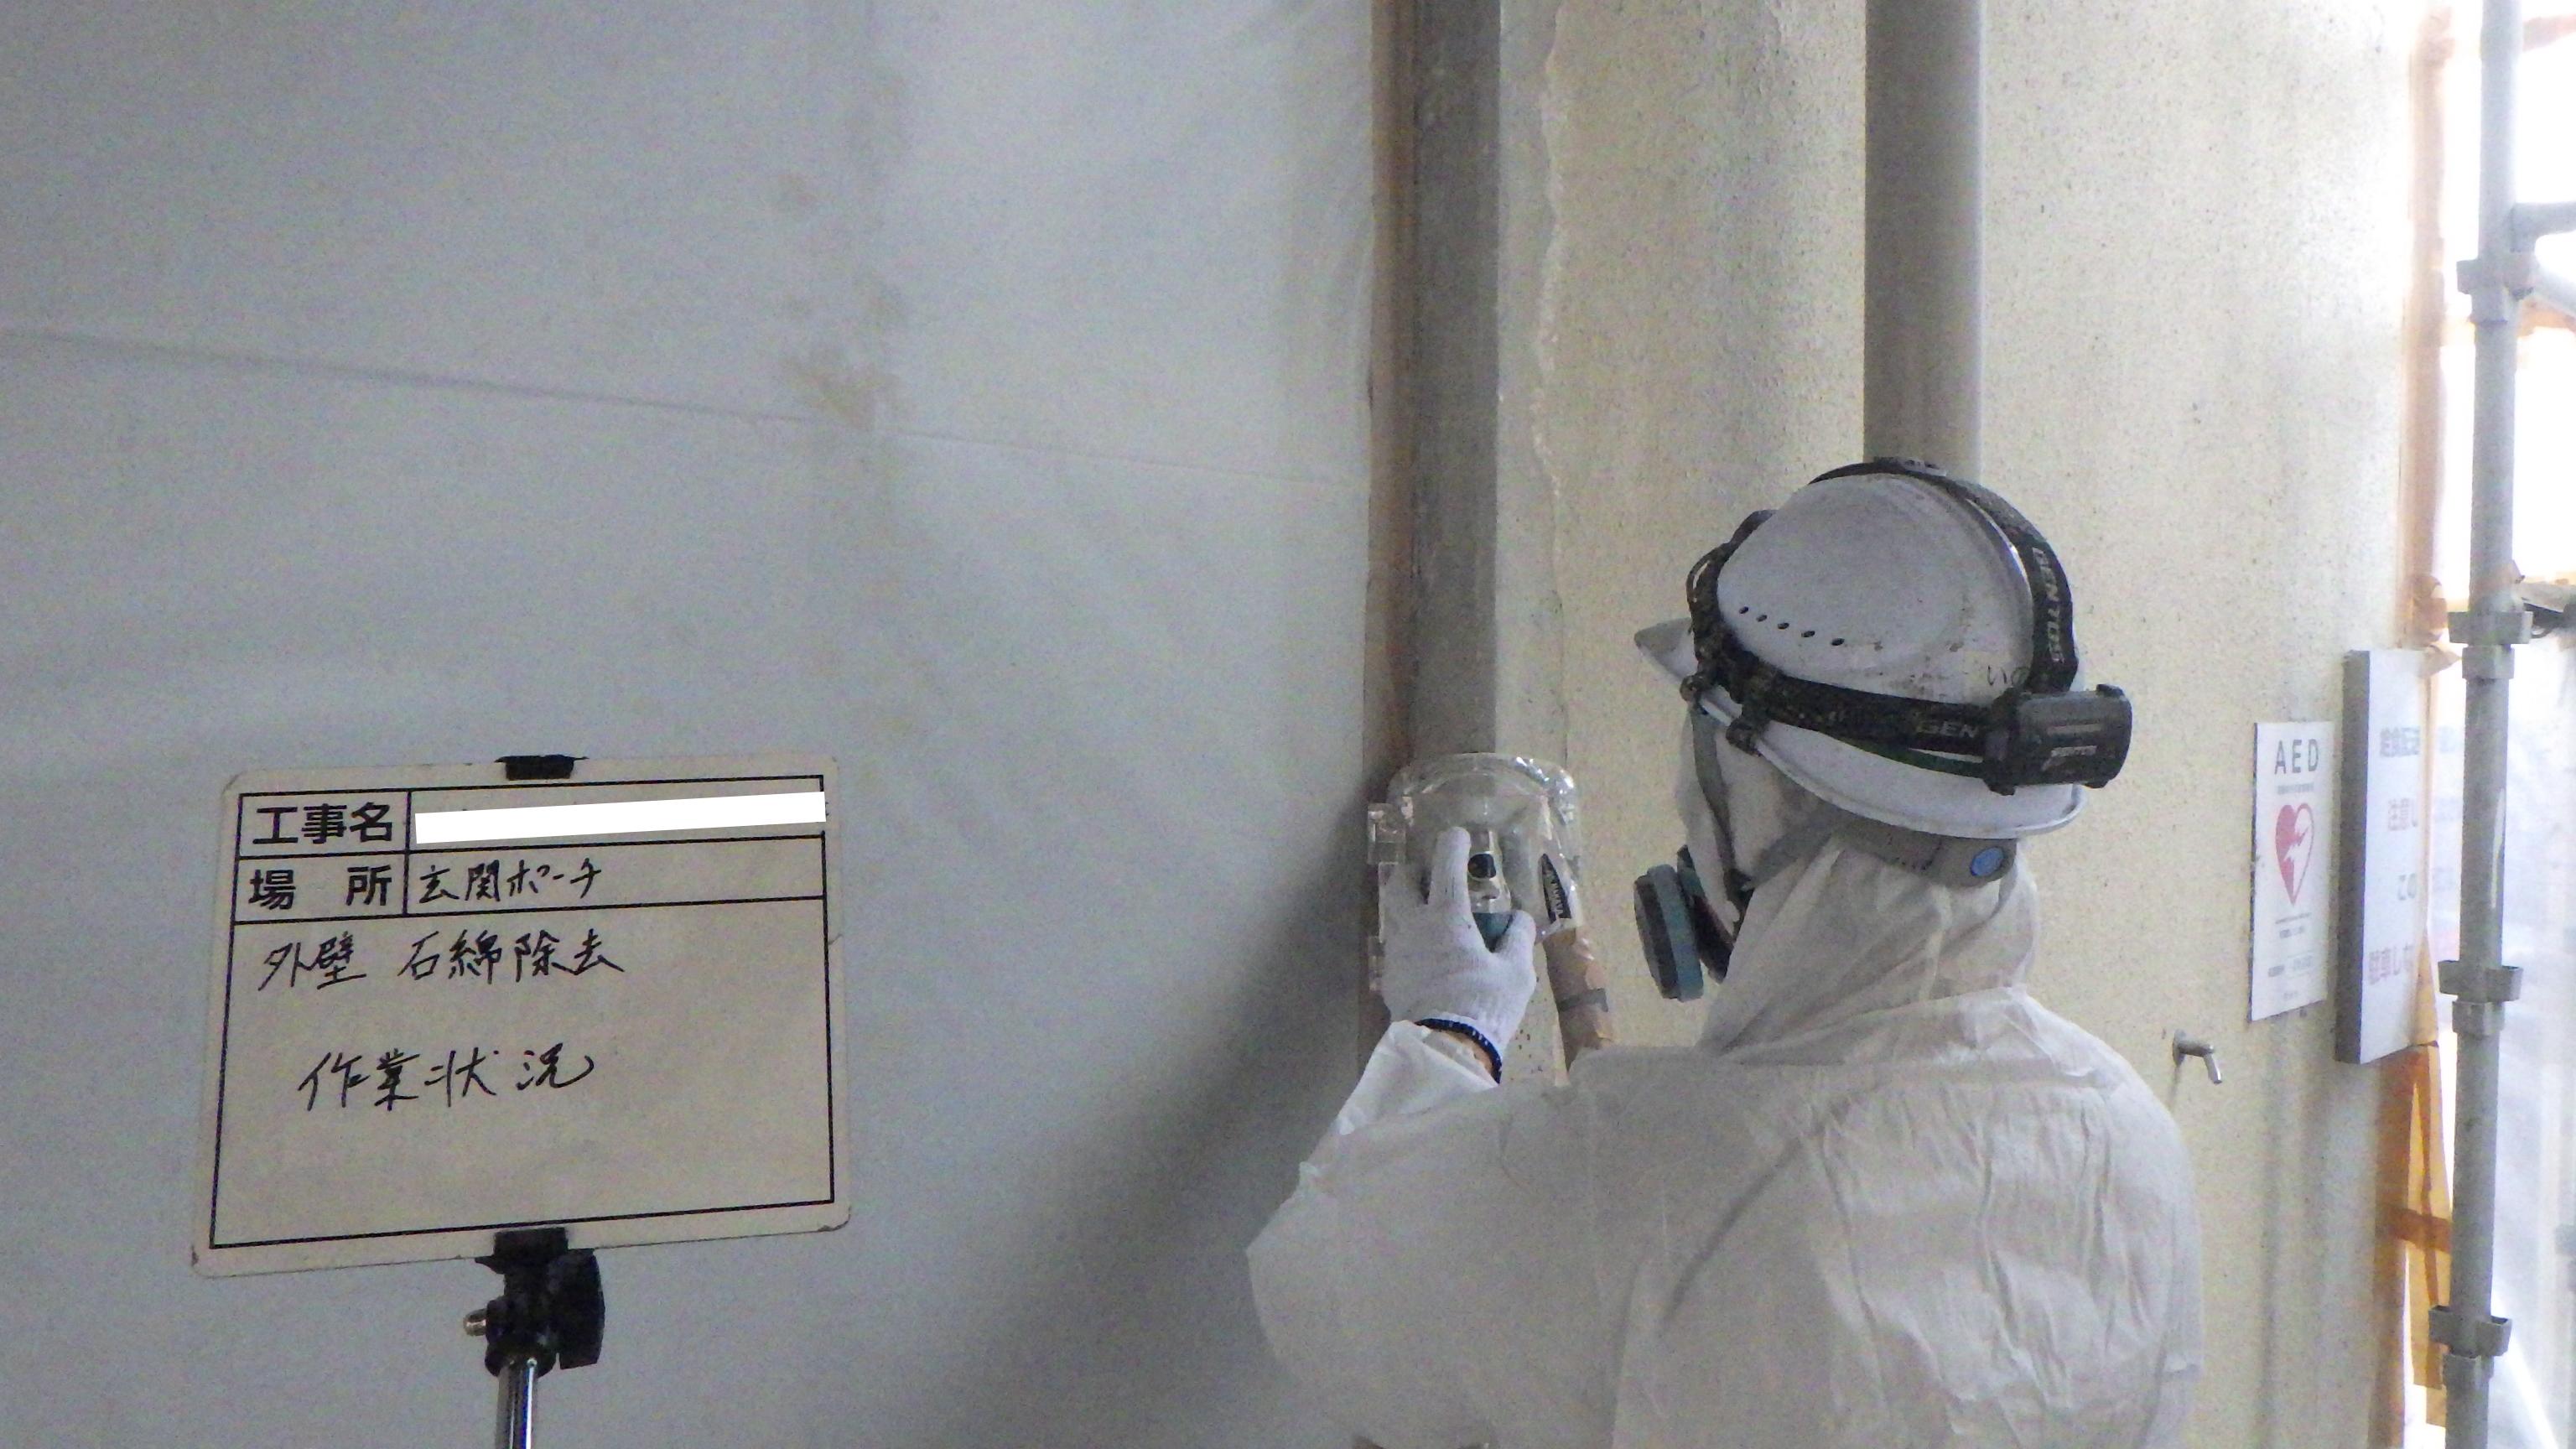 某中学校校舎 外壁・内壁塗膜除去工事